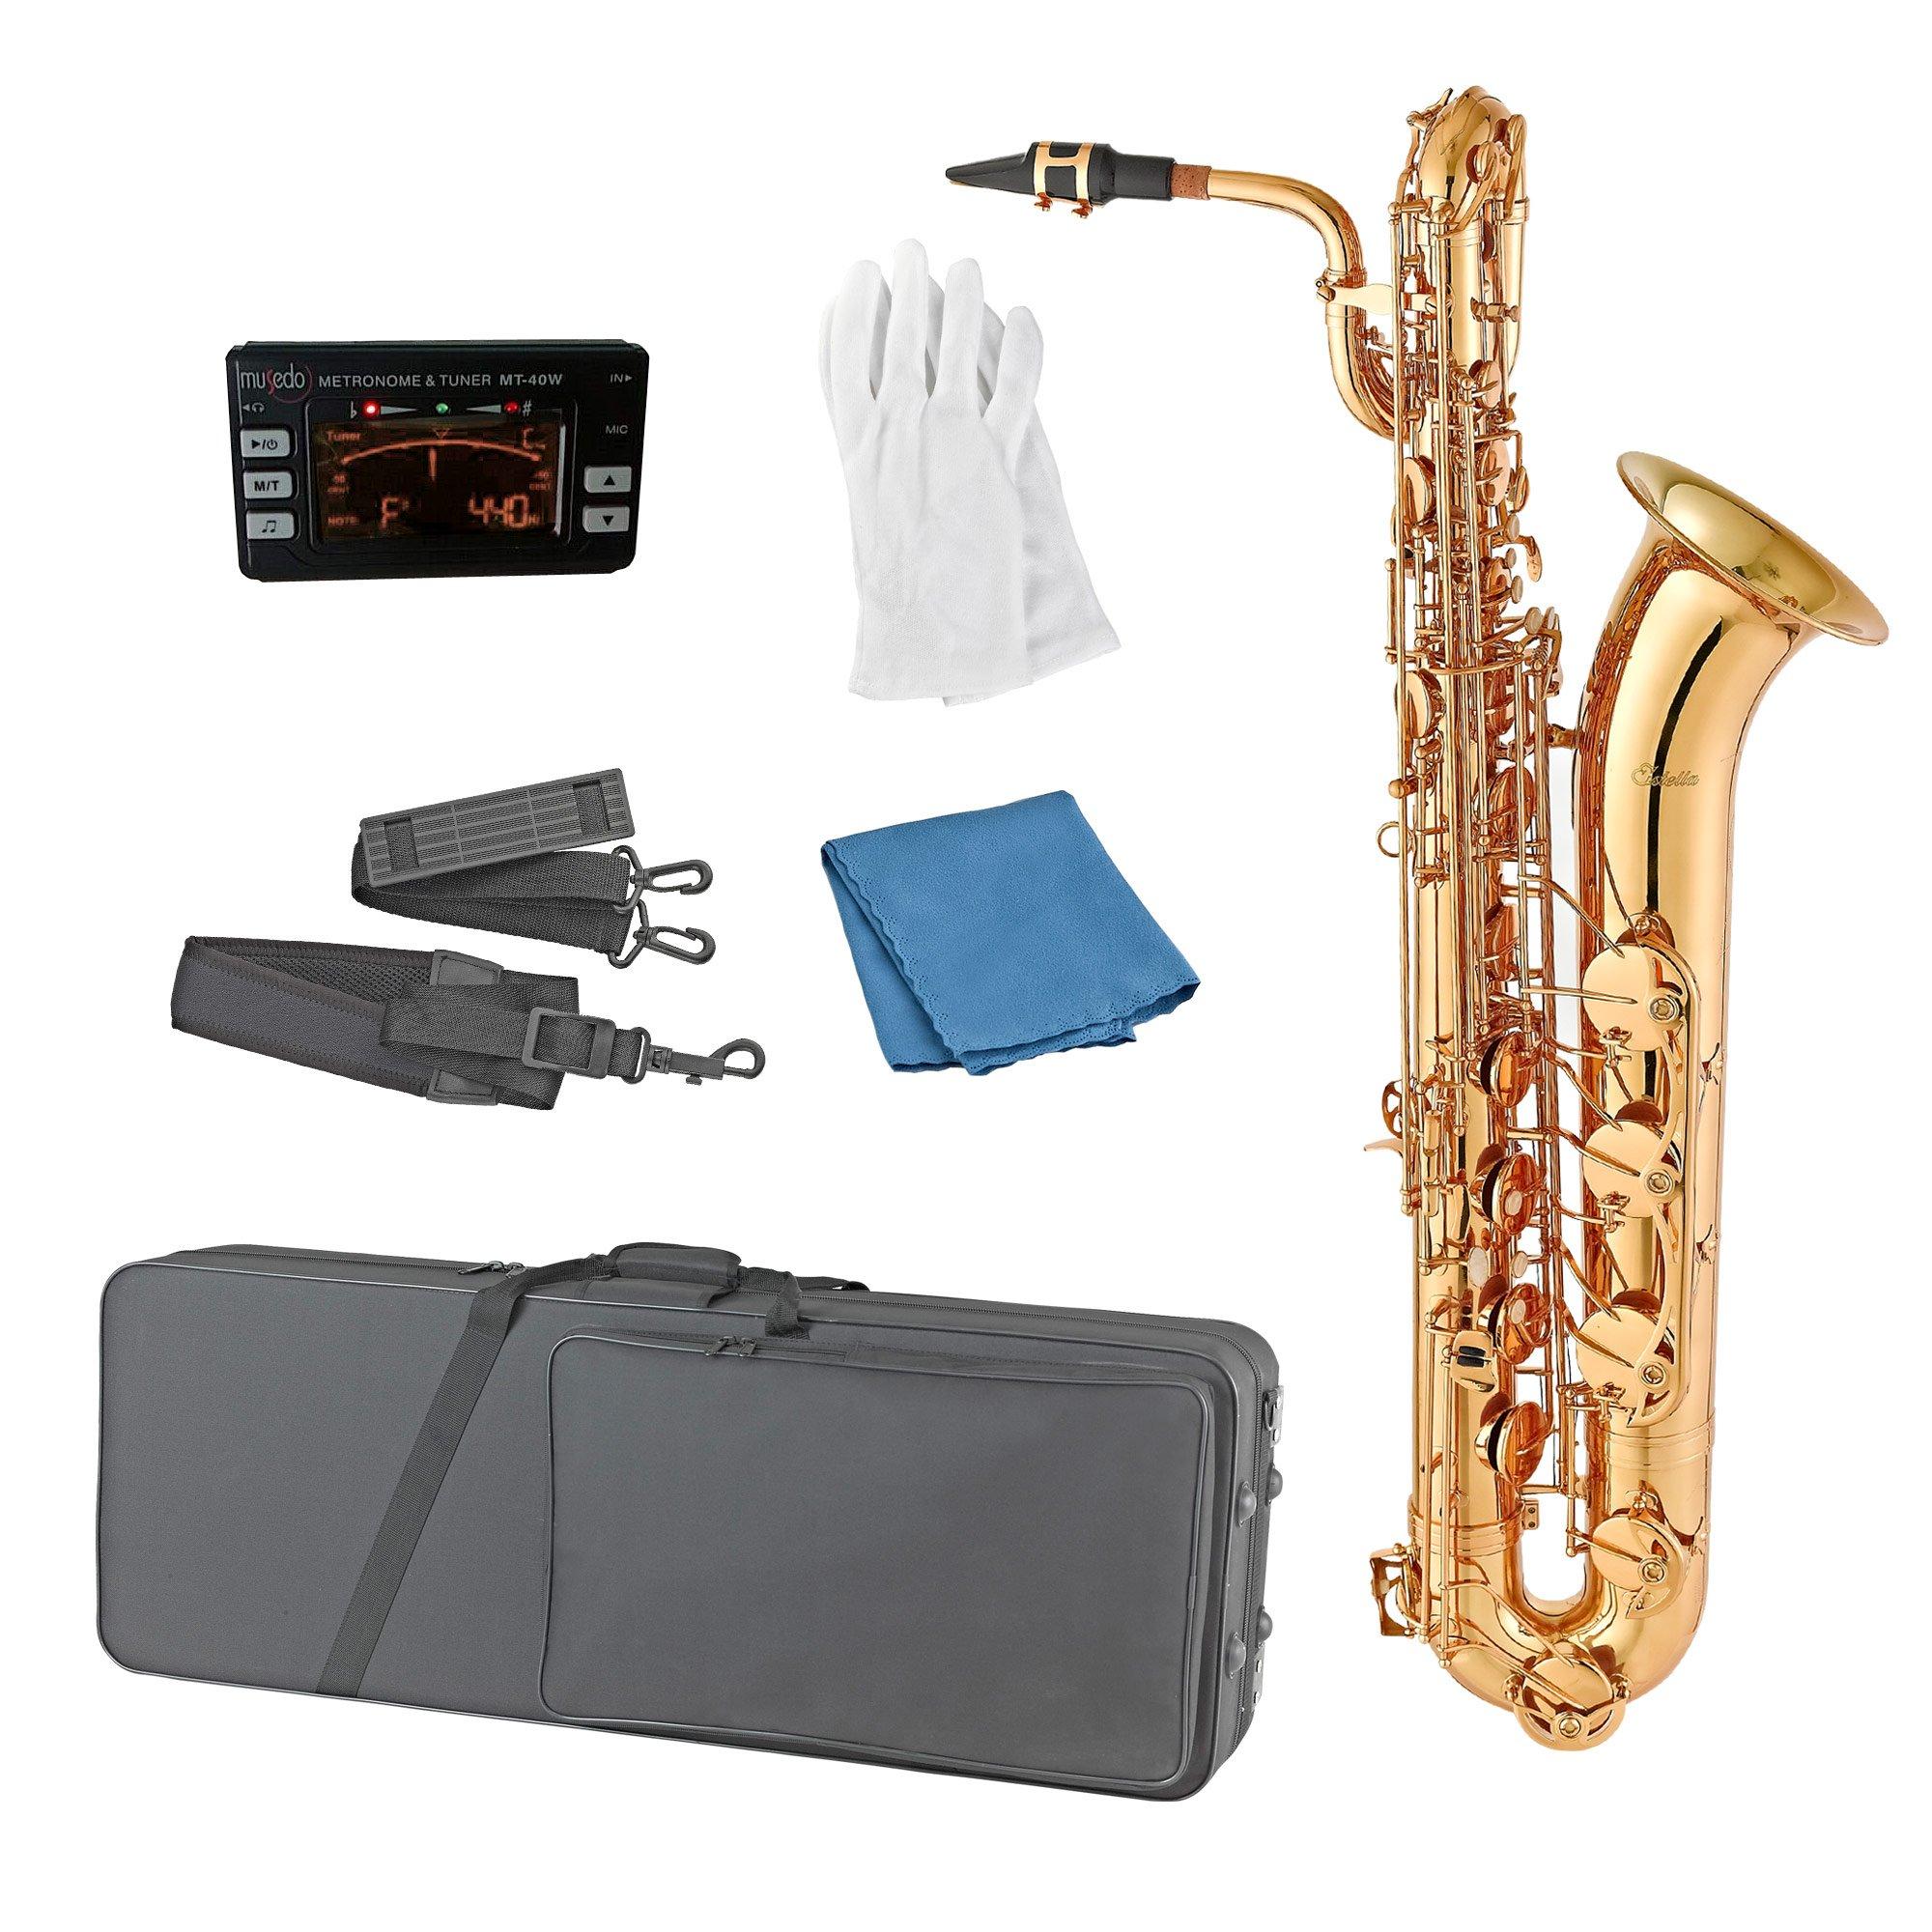 Estella BS200 Lacquer E Flat Baritone Saxophone